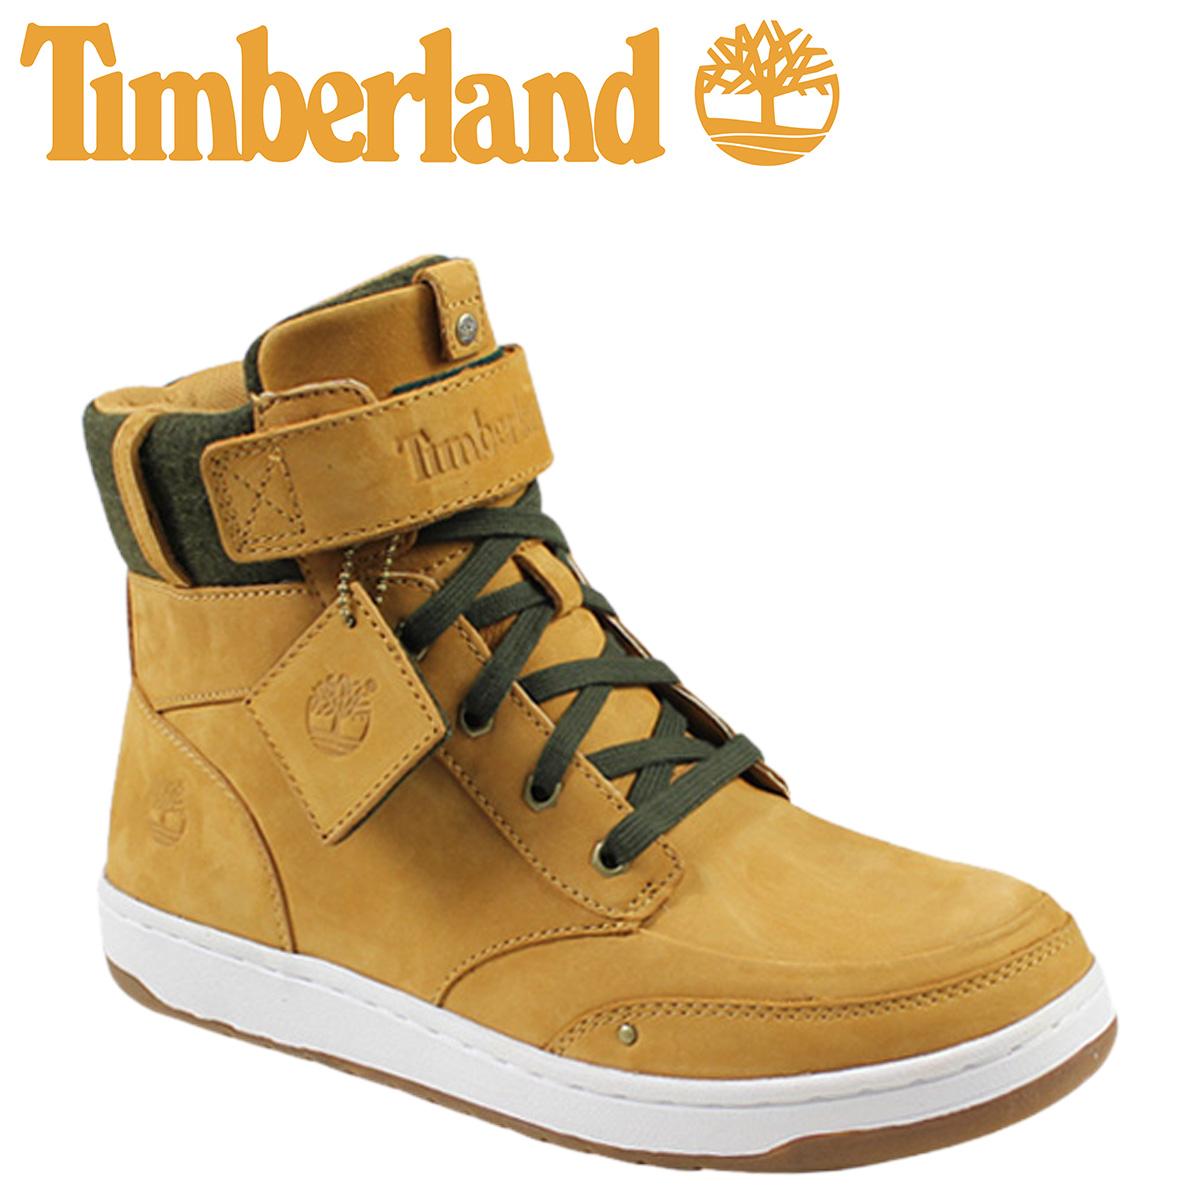 Timberland High-tops Et Chaussures De Sport stsFb1k